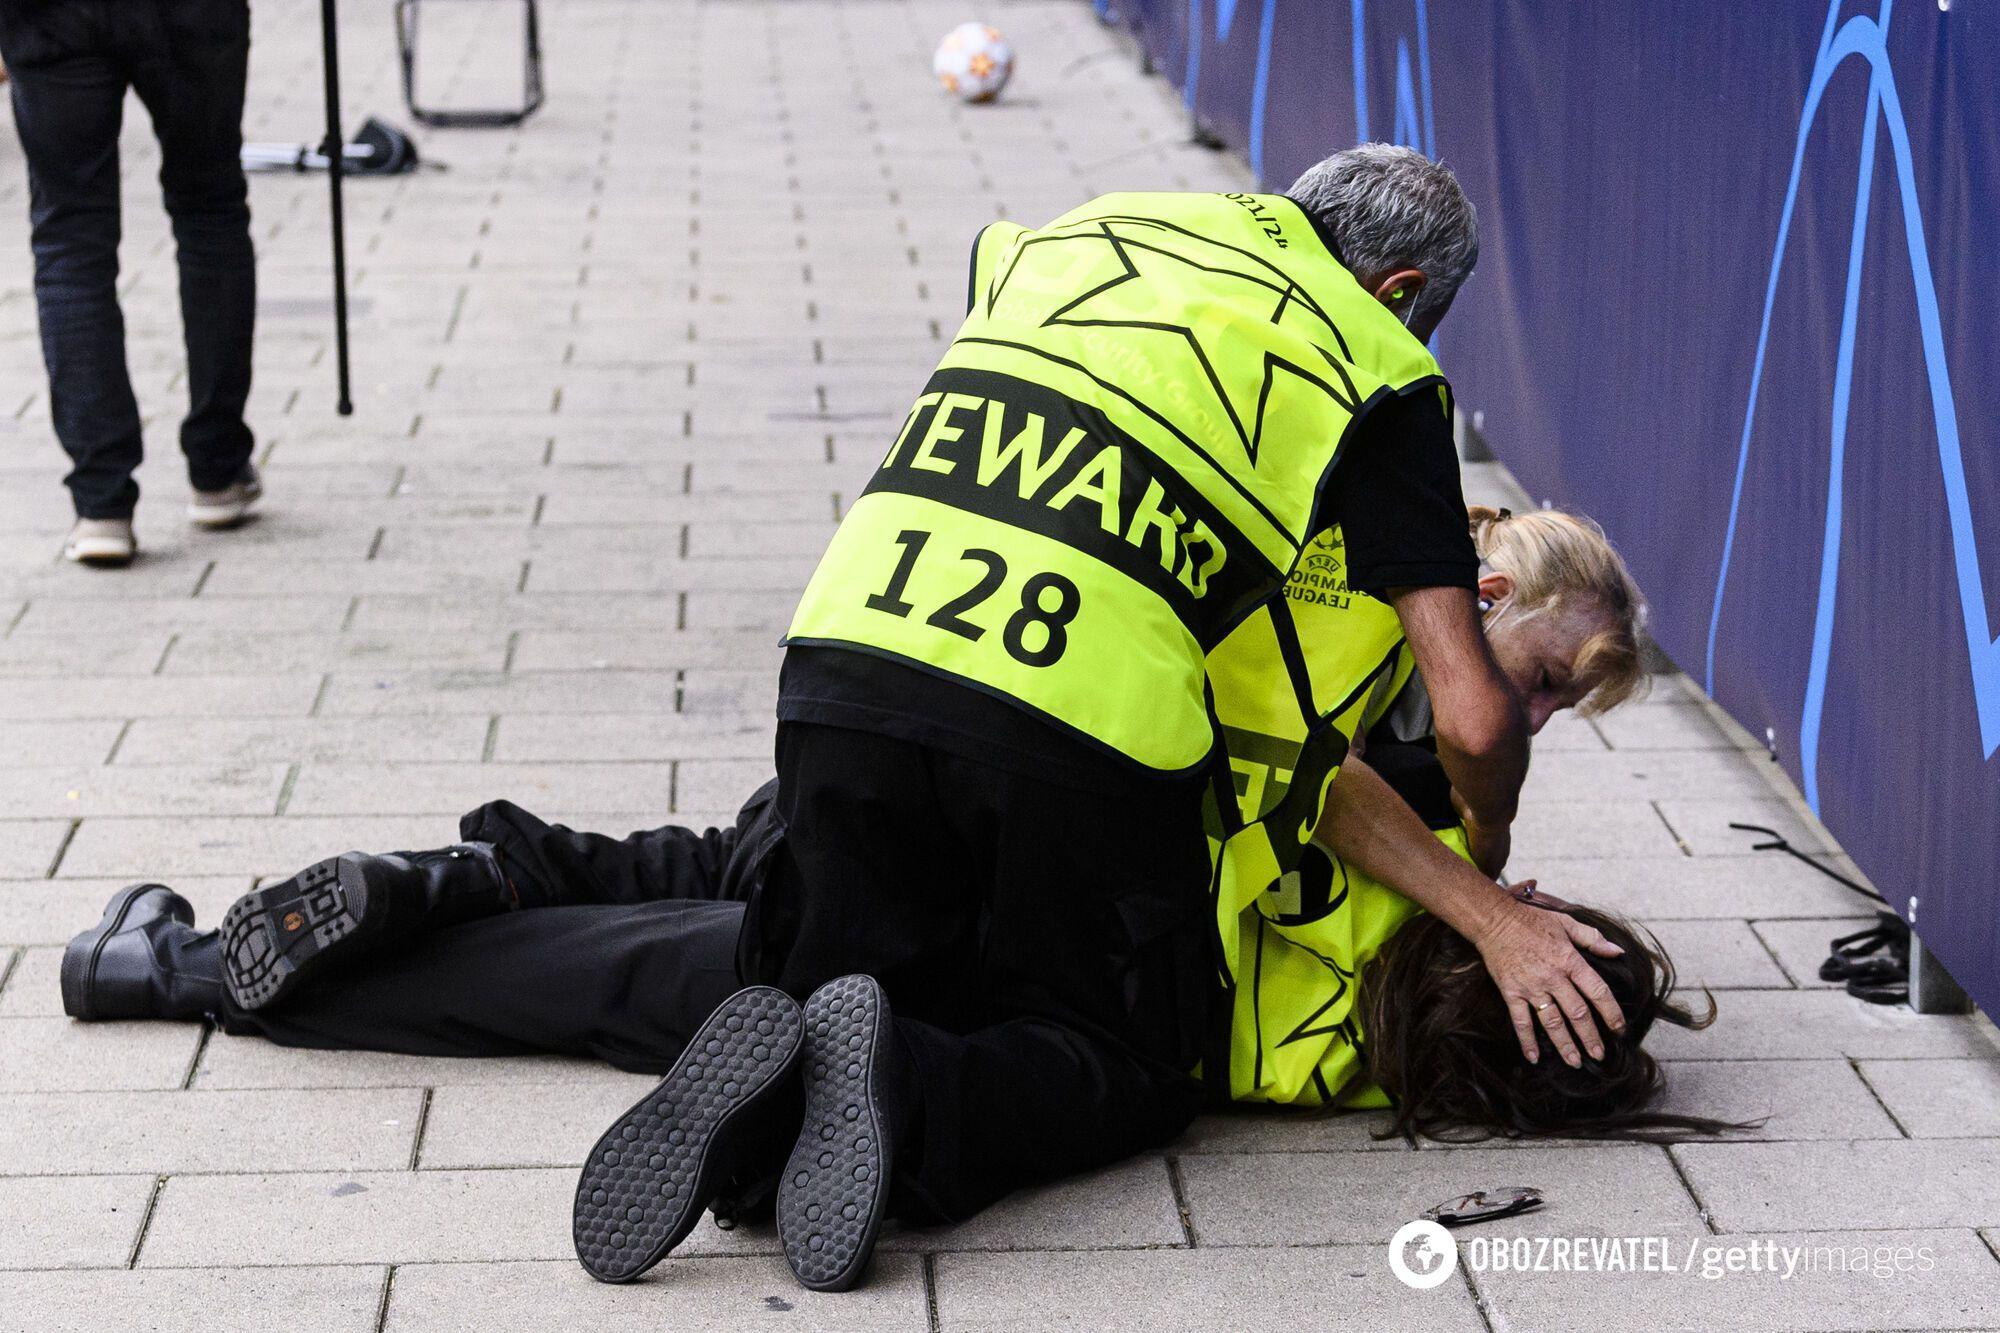 От удара стюард упала на землю